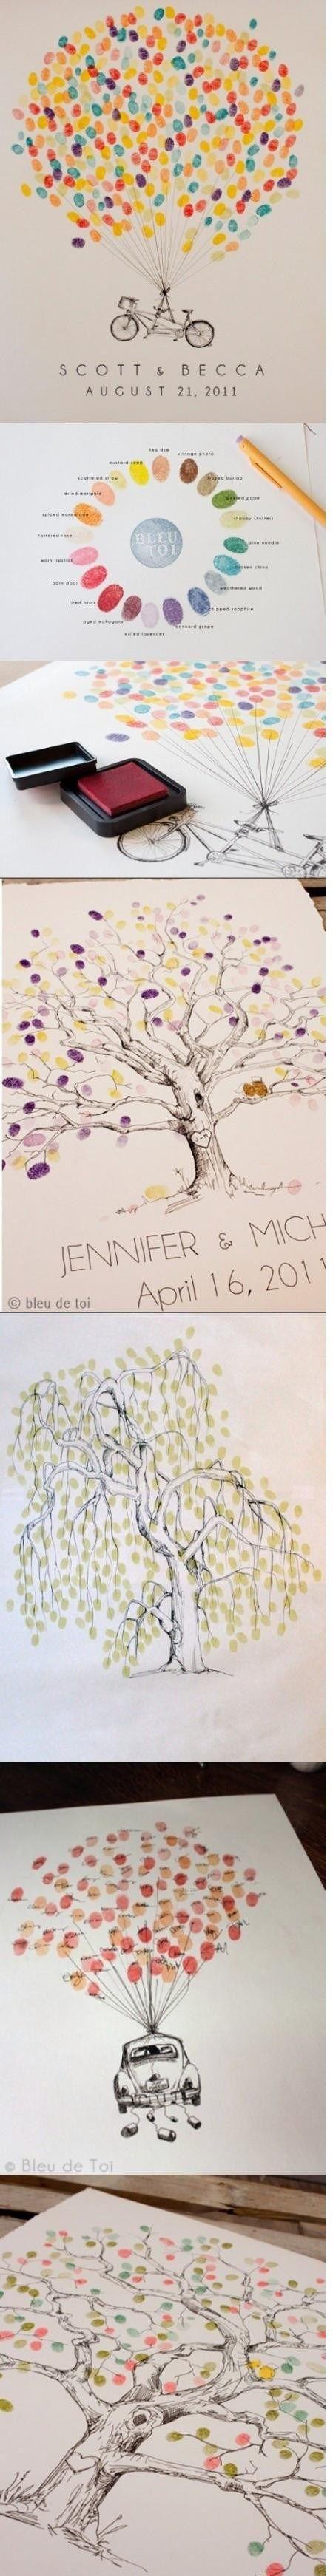 ¿Libro de visita o árbol de huellas? | Cherries & Berries